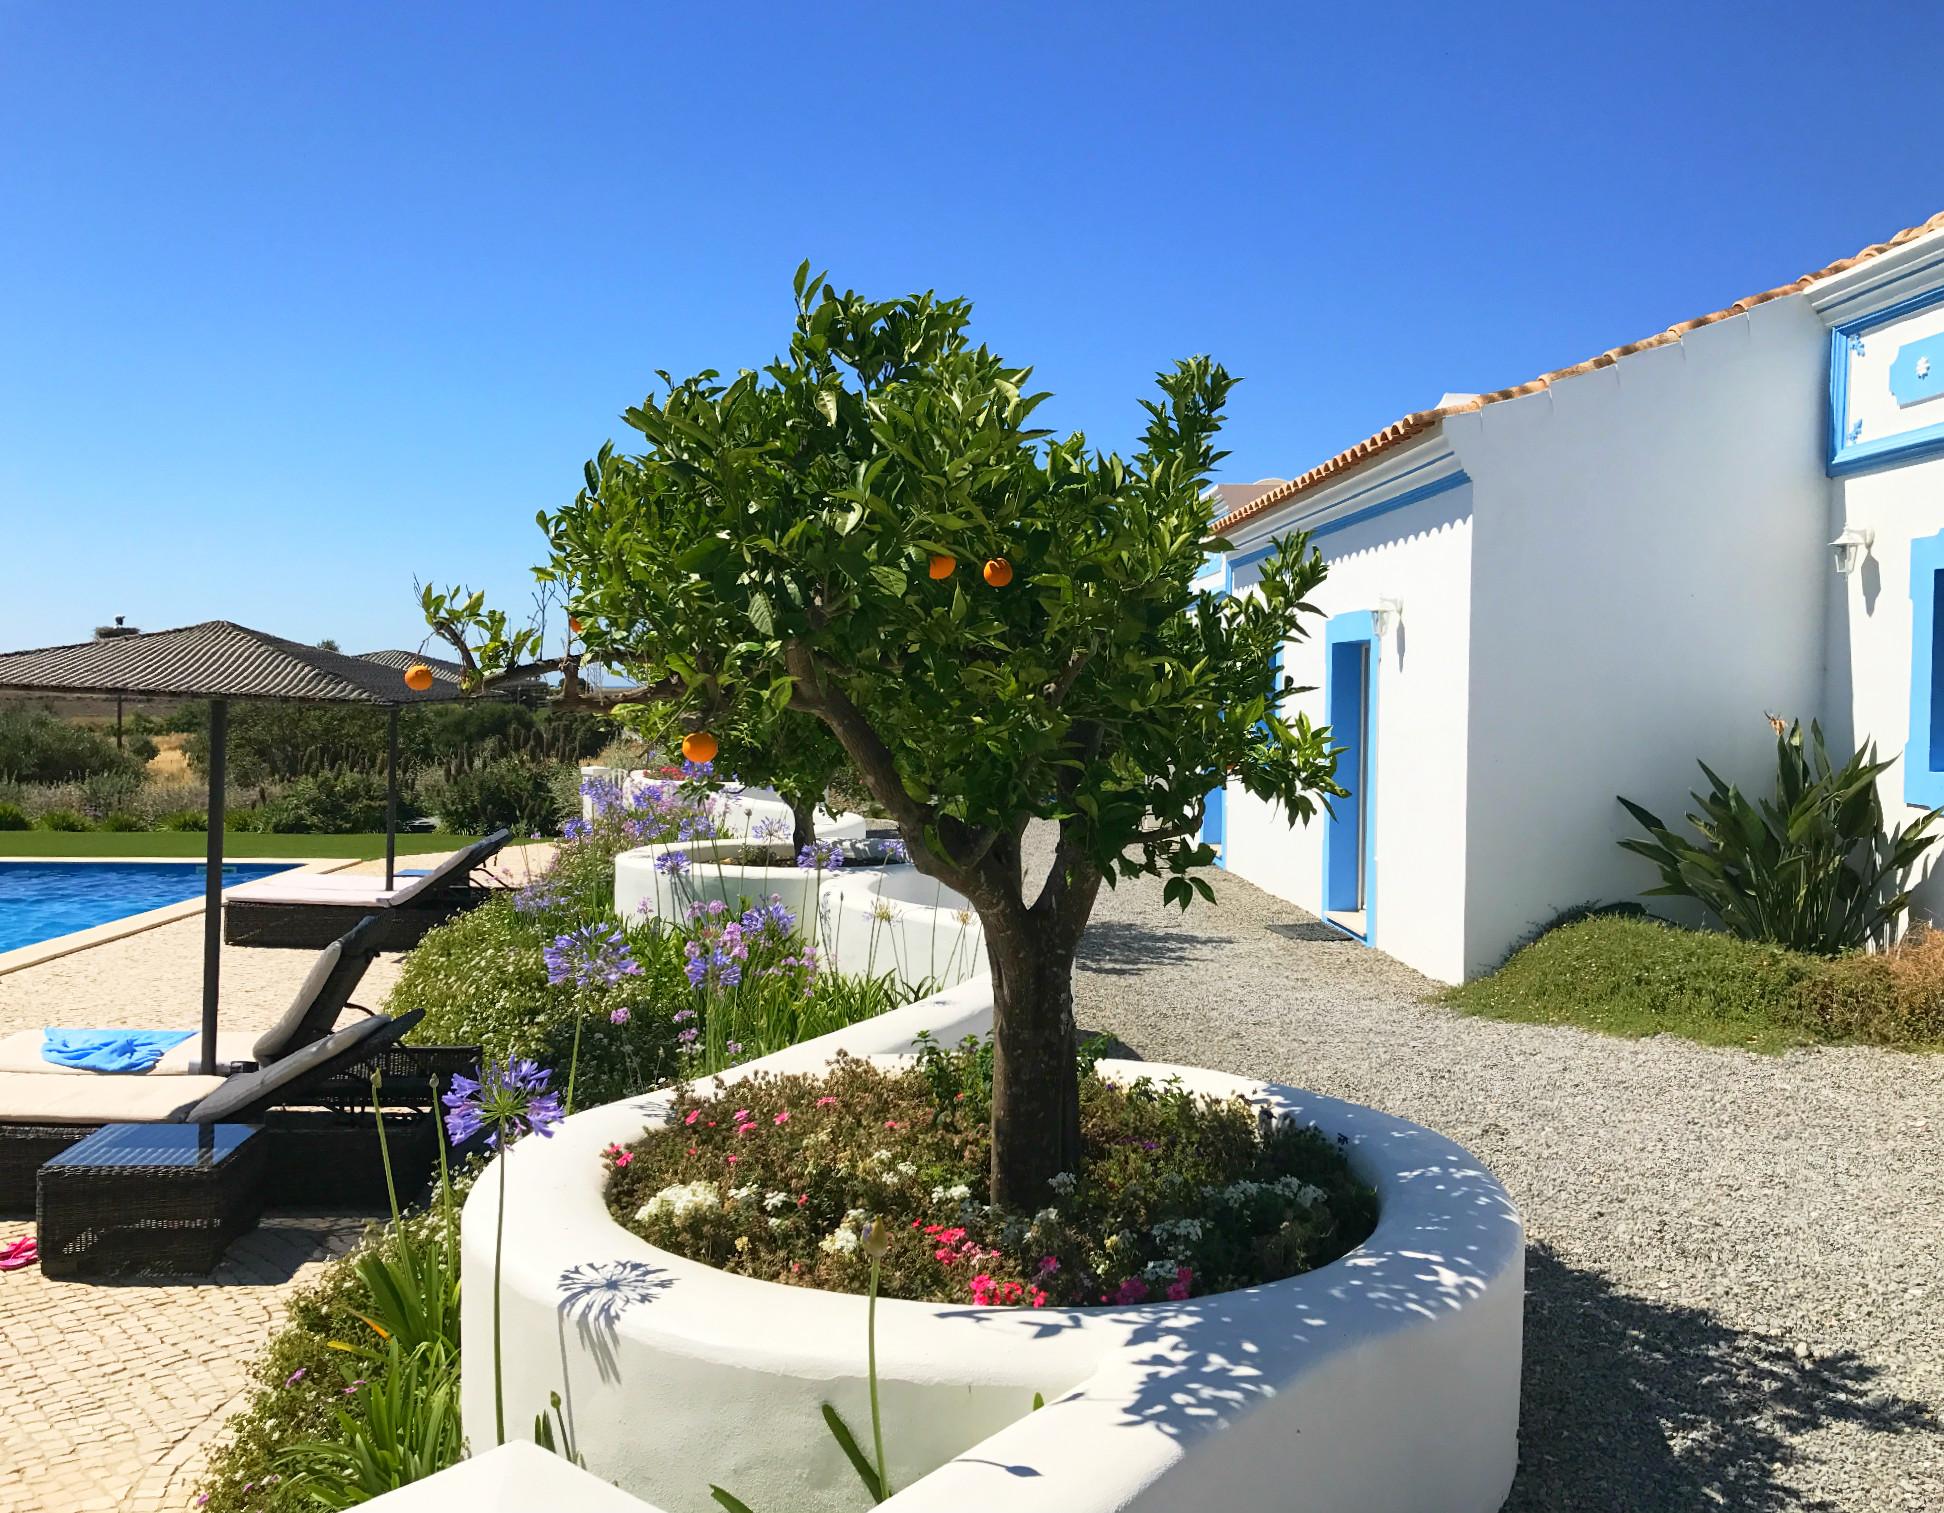 Casa Flor de Sal - die hübschen weiß-blauen Häuschen verteilen sich so übers Gelände, dass man sich nicht auf die Füße treten muss.